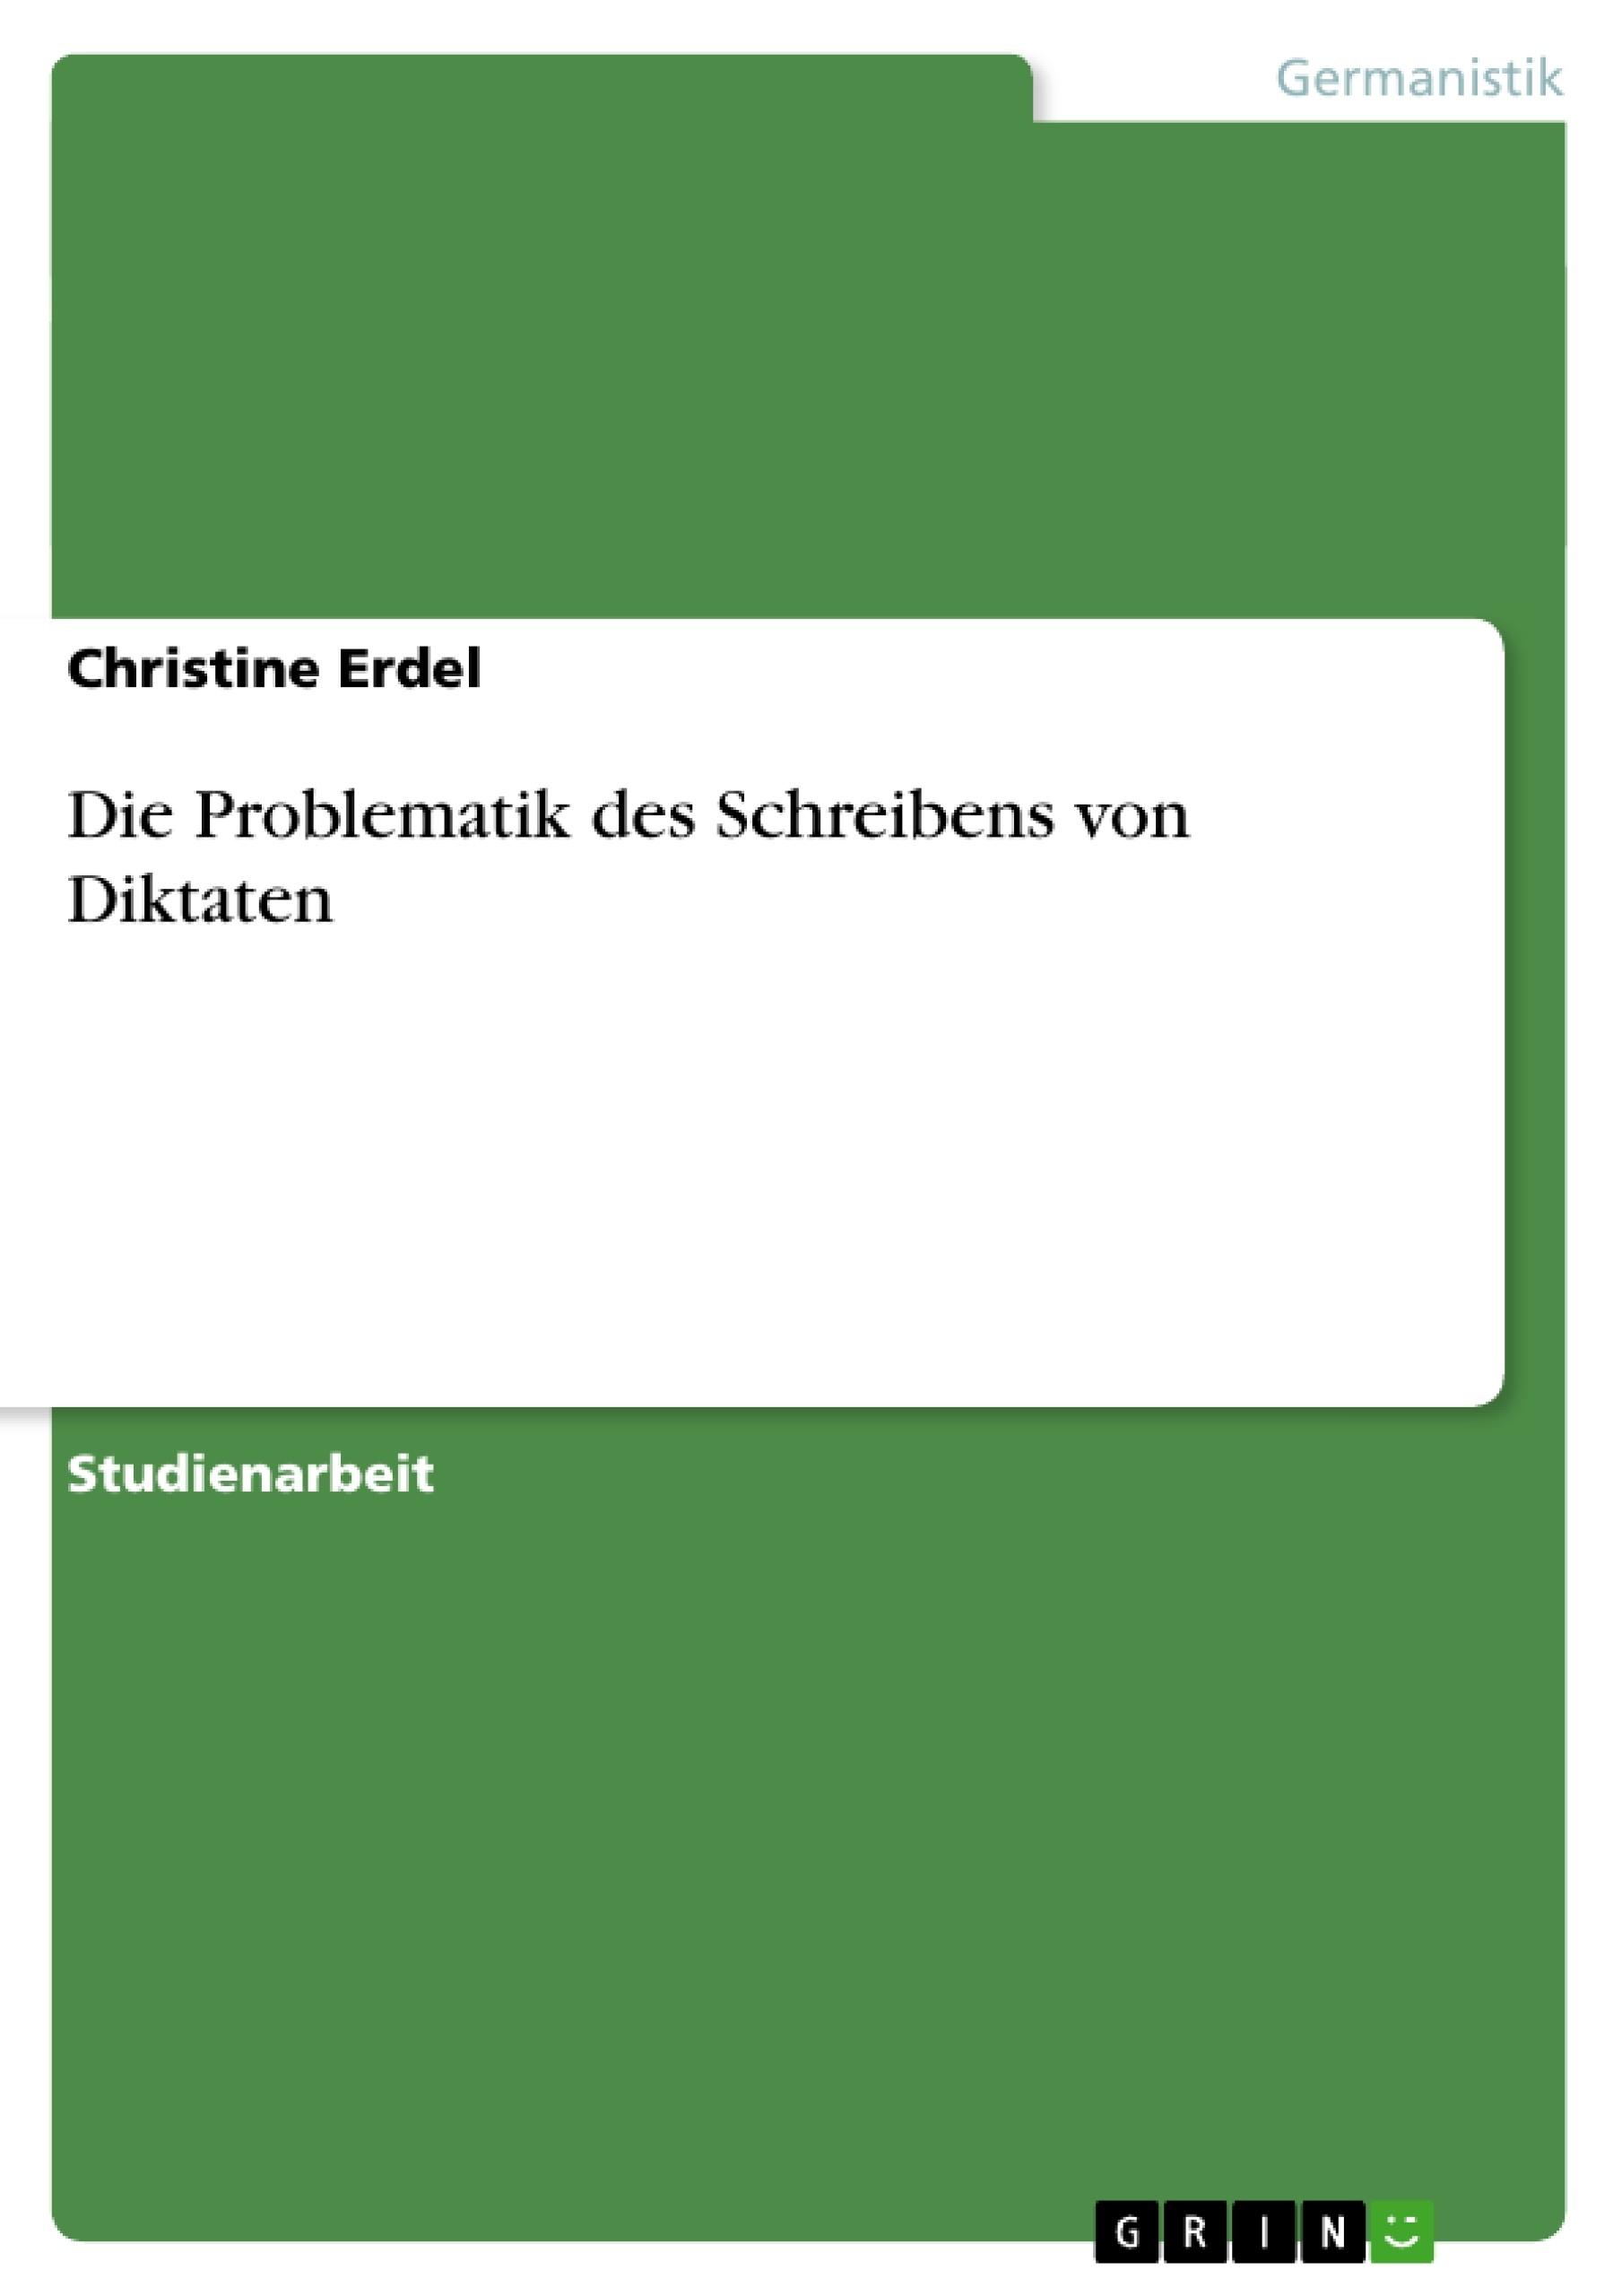 Titel: Die Problematik des Schreibens von Diktaten